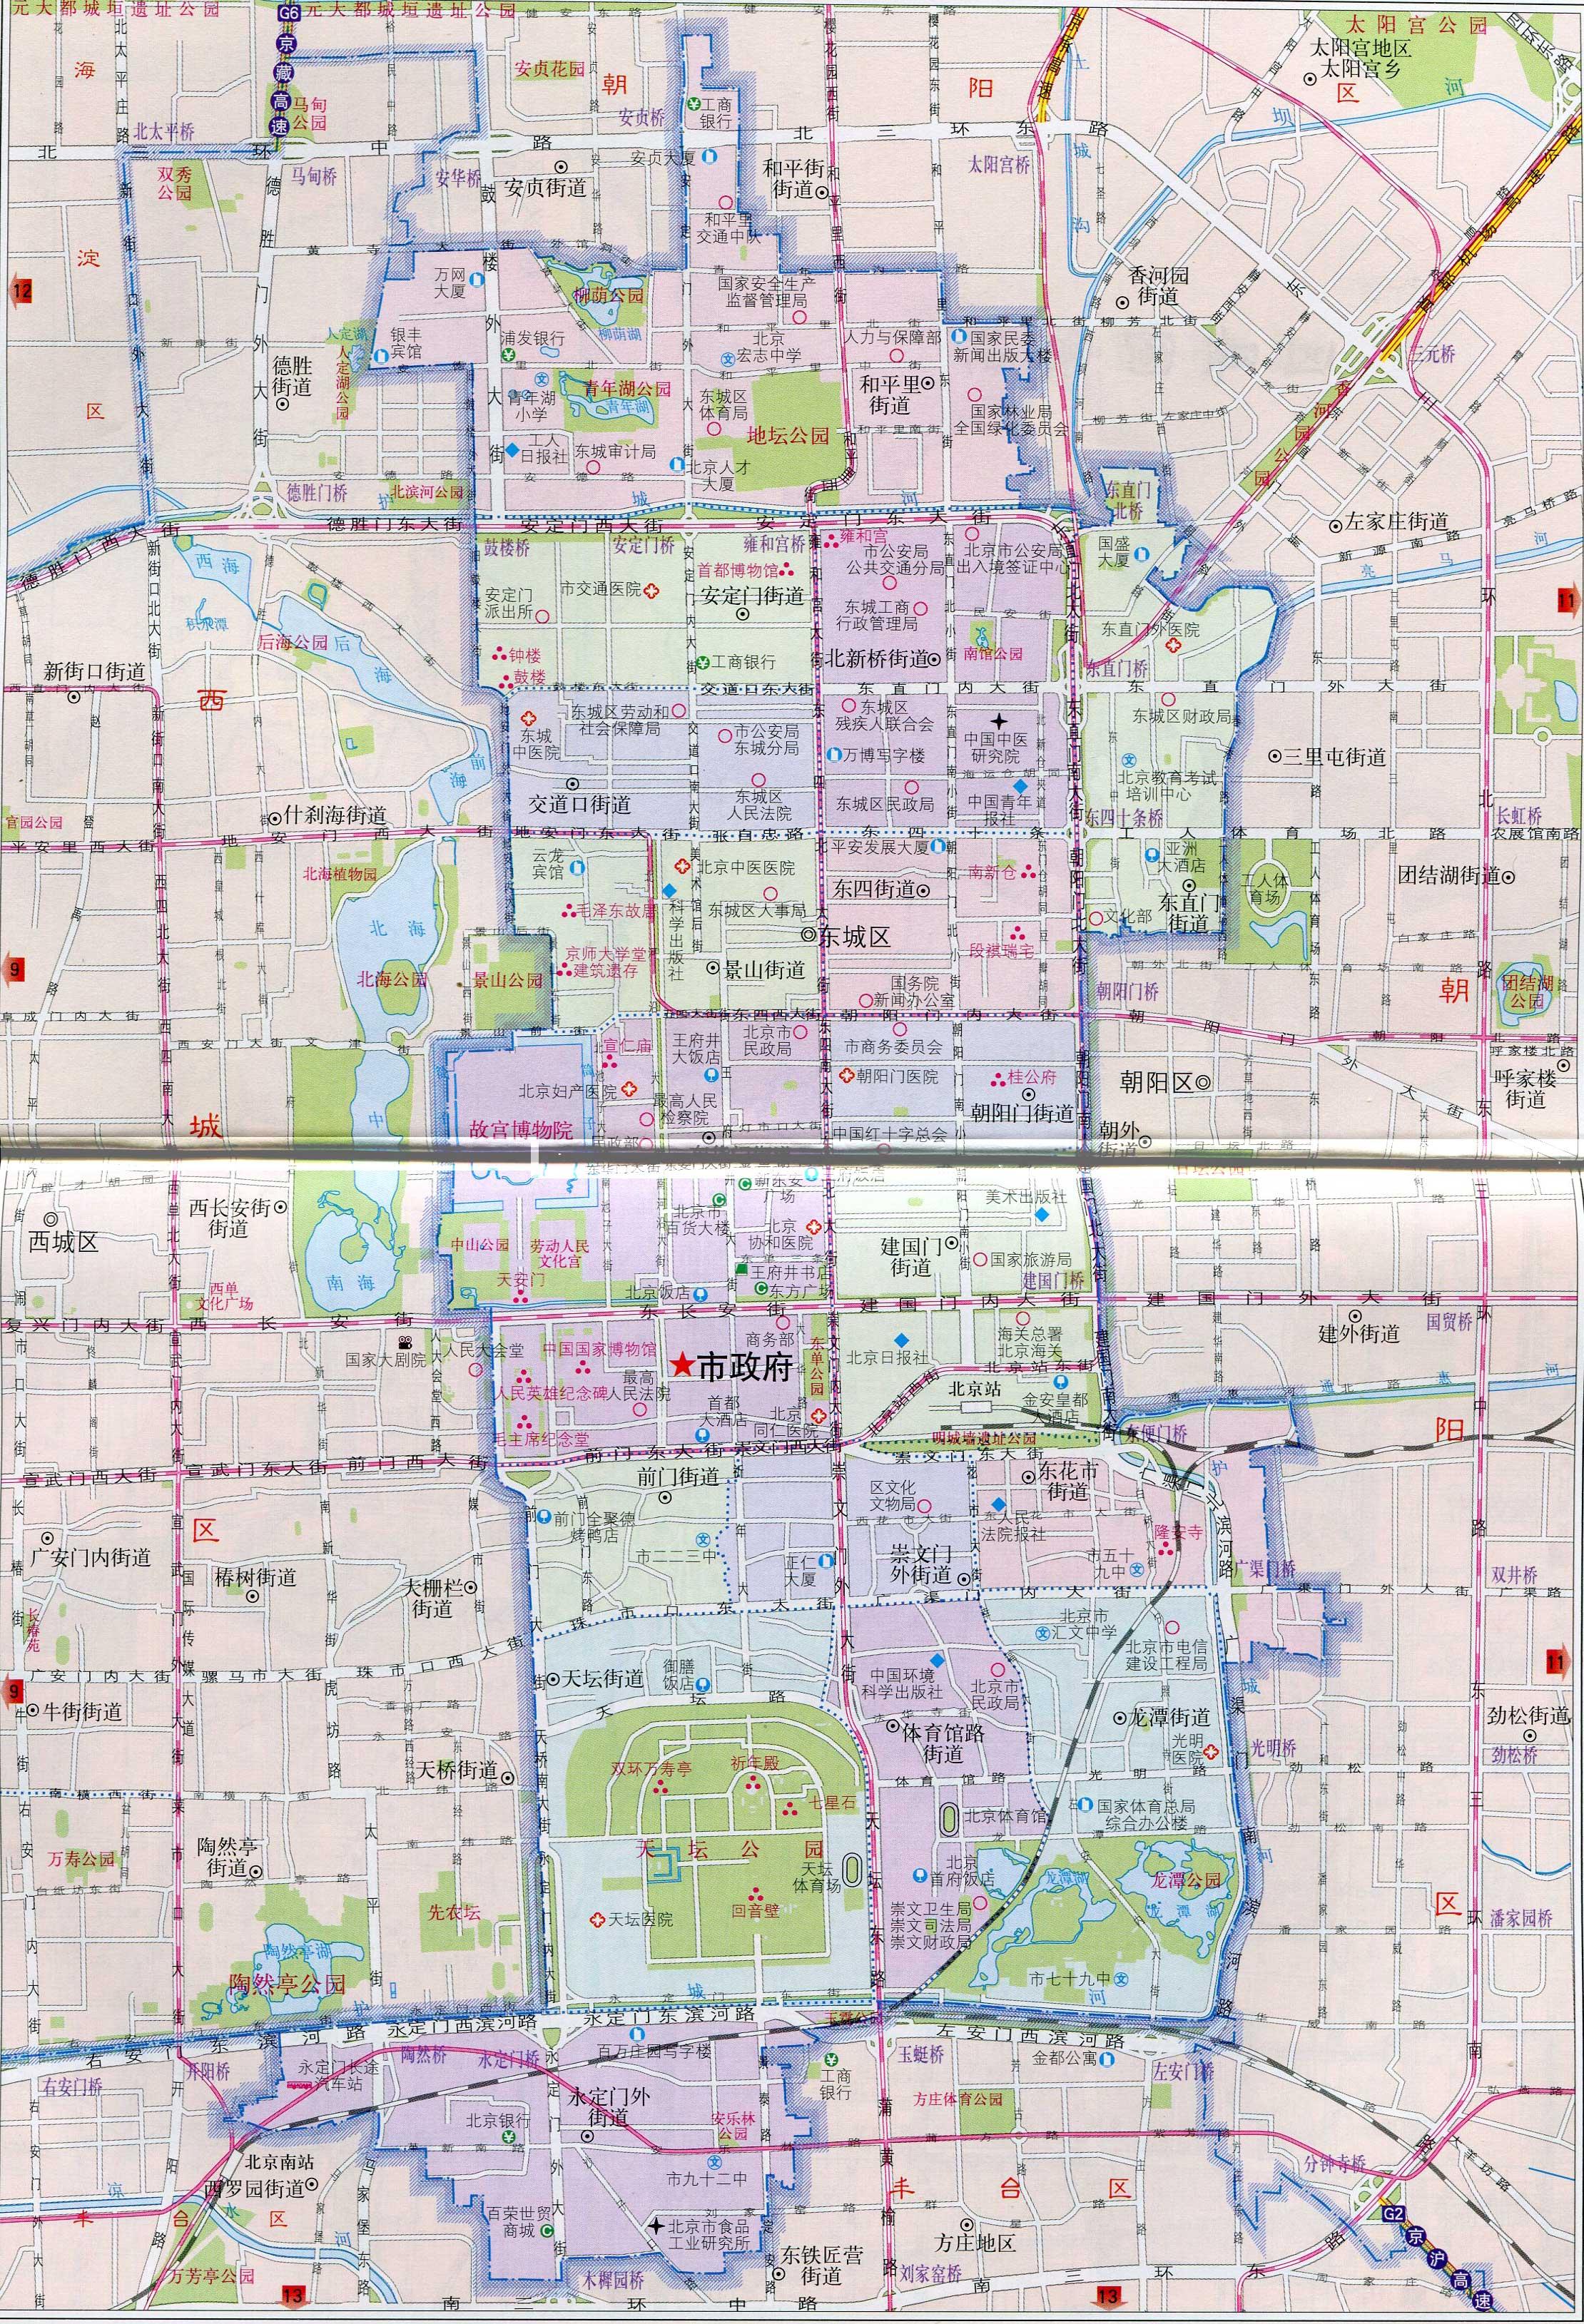 北京市东城区地图_北京区县地图库